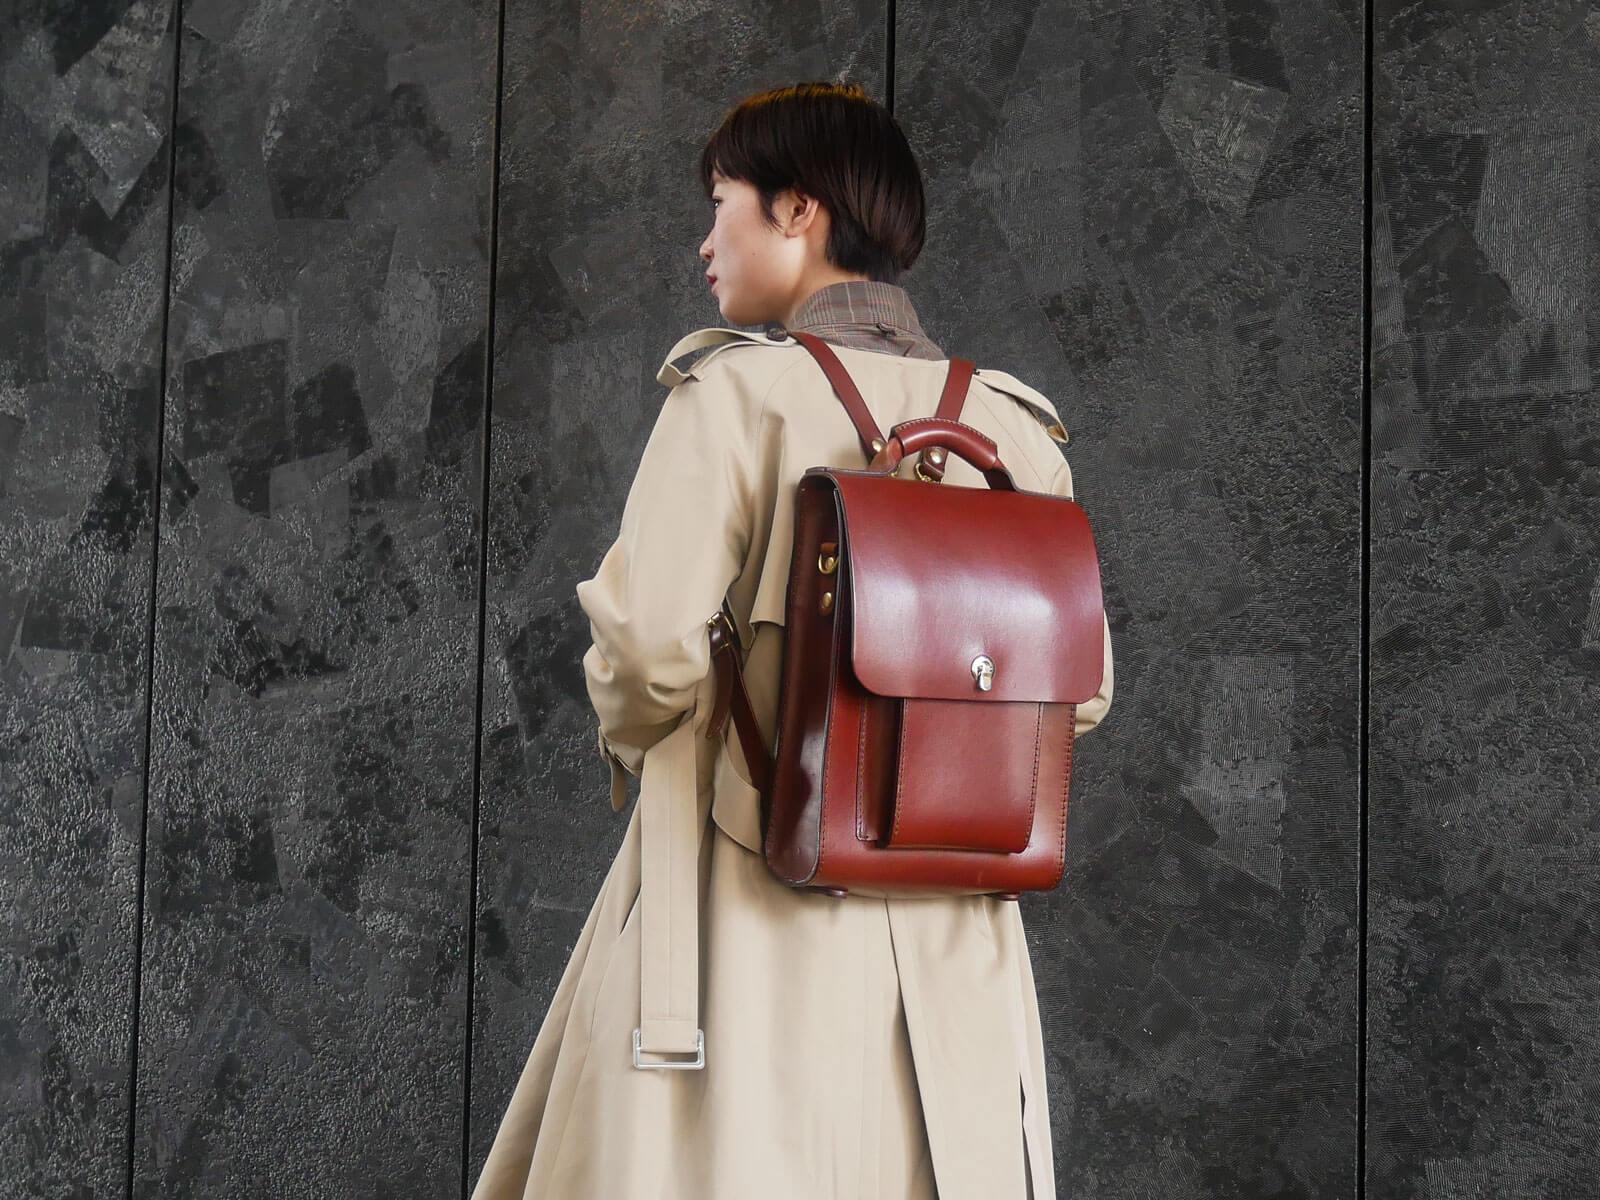 大阪店スタッフ:大西愛用「3way縦型バッグ」